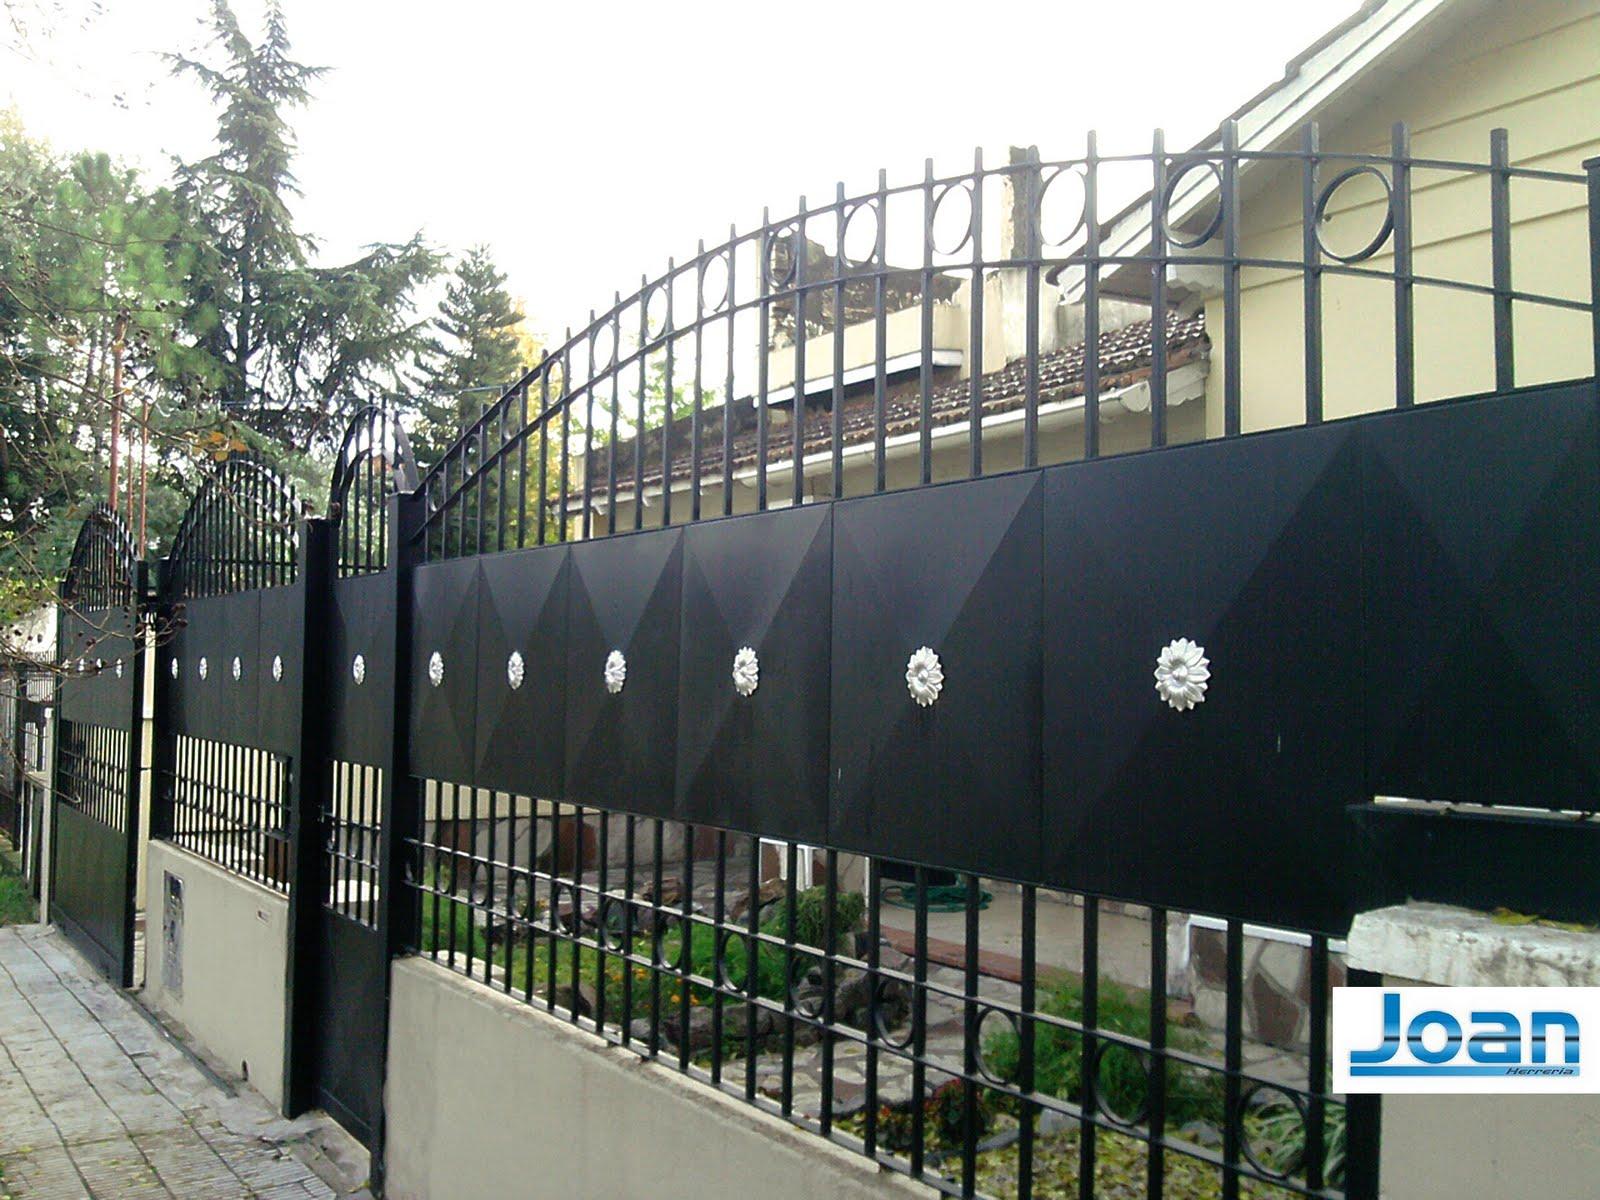 Herreria zona oeste ituzaingo rejas para frente con for Rejas para frente de casas fotos